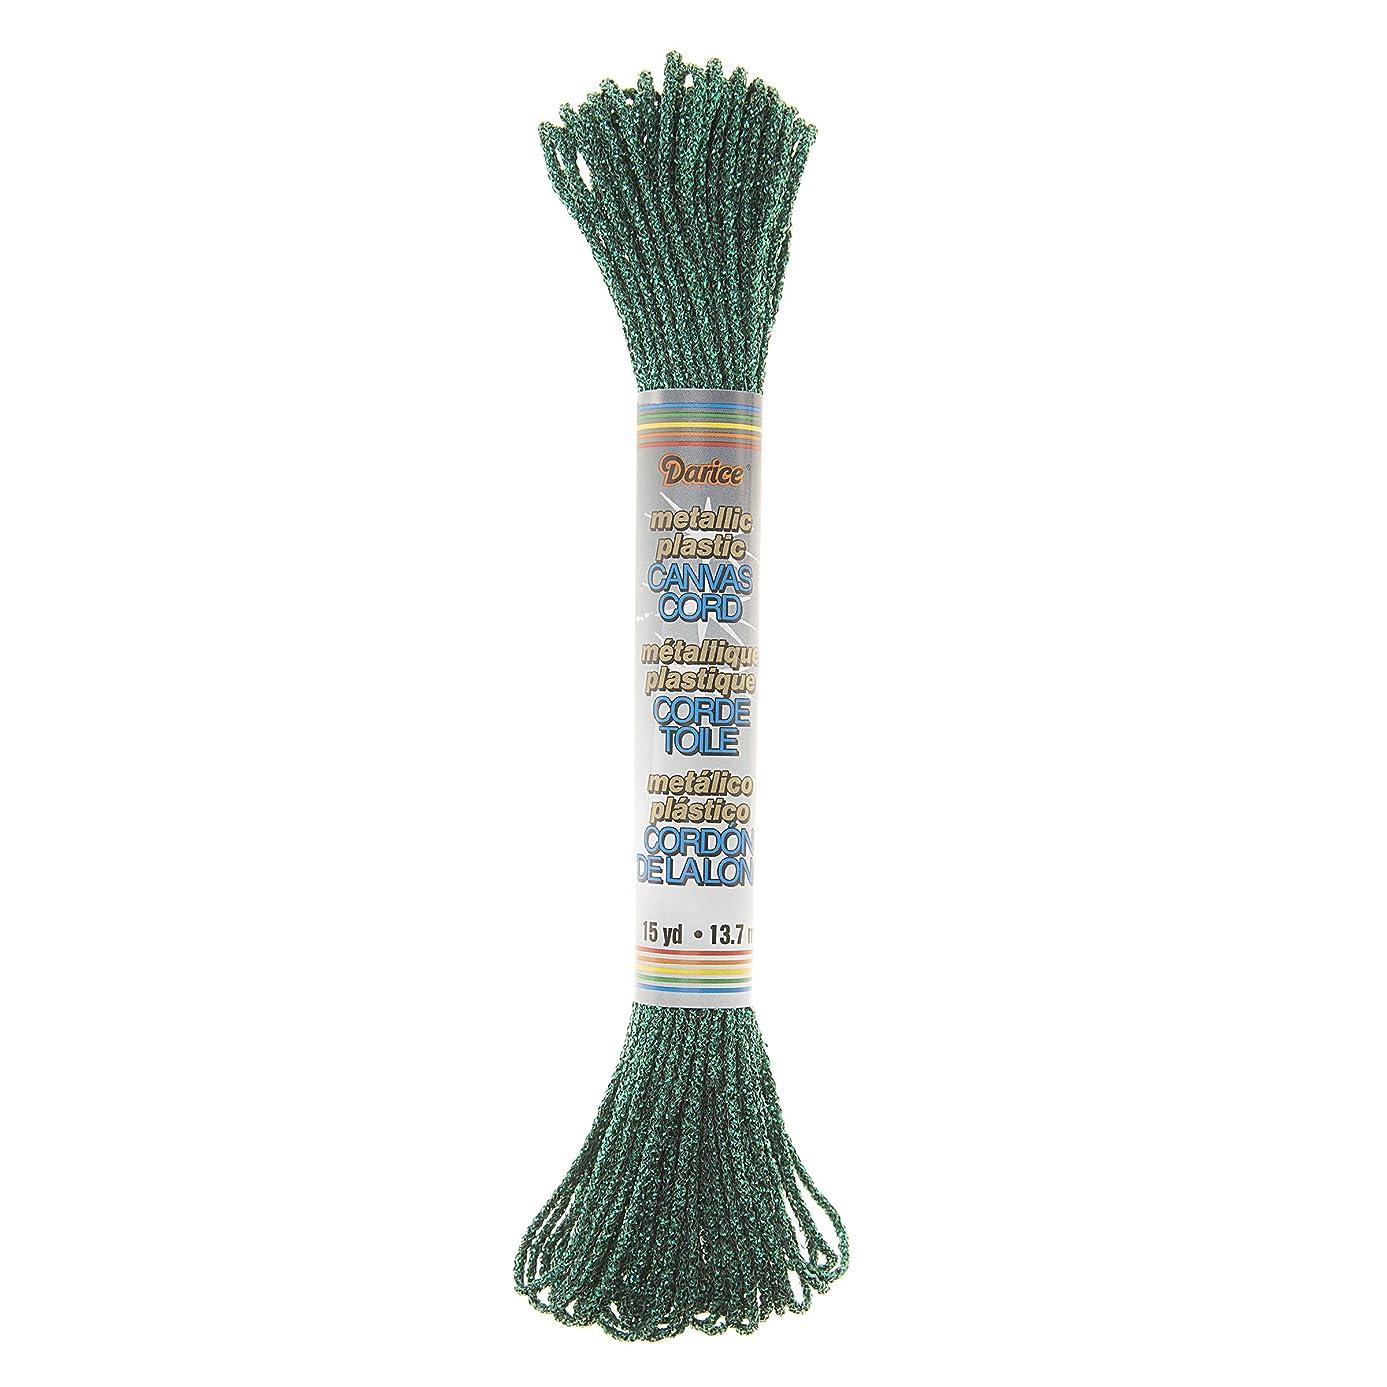 Darice 05607 Craft Cord Metal, Green